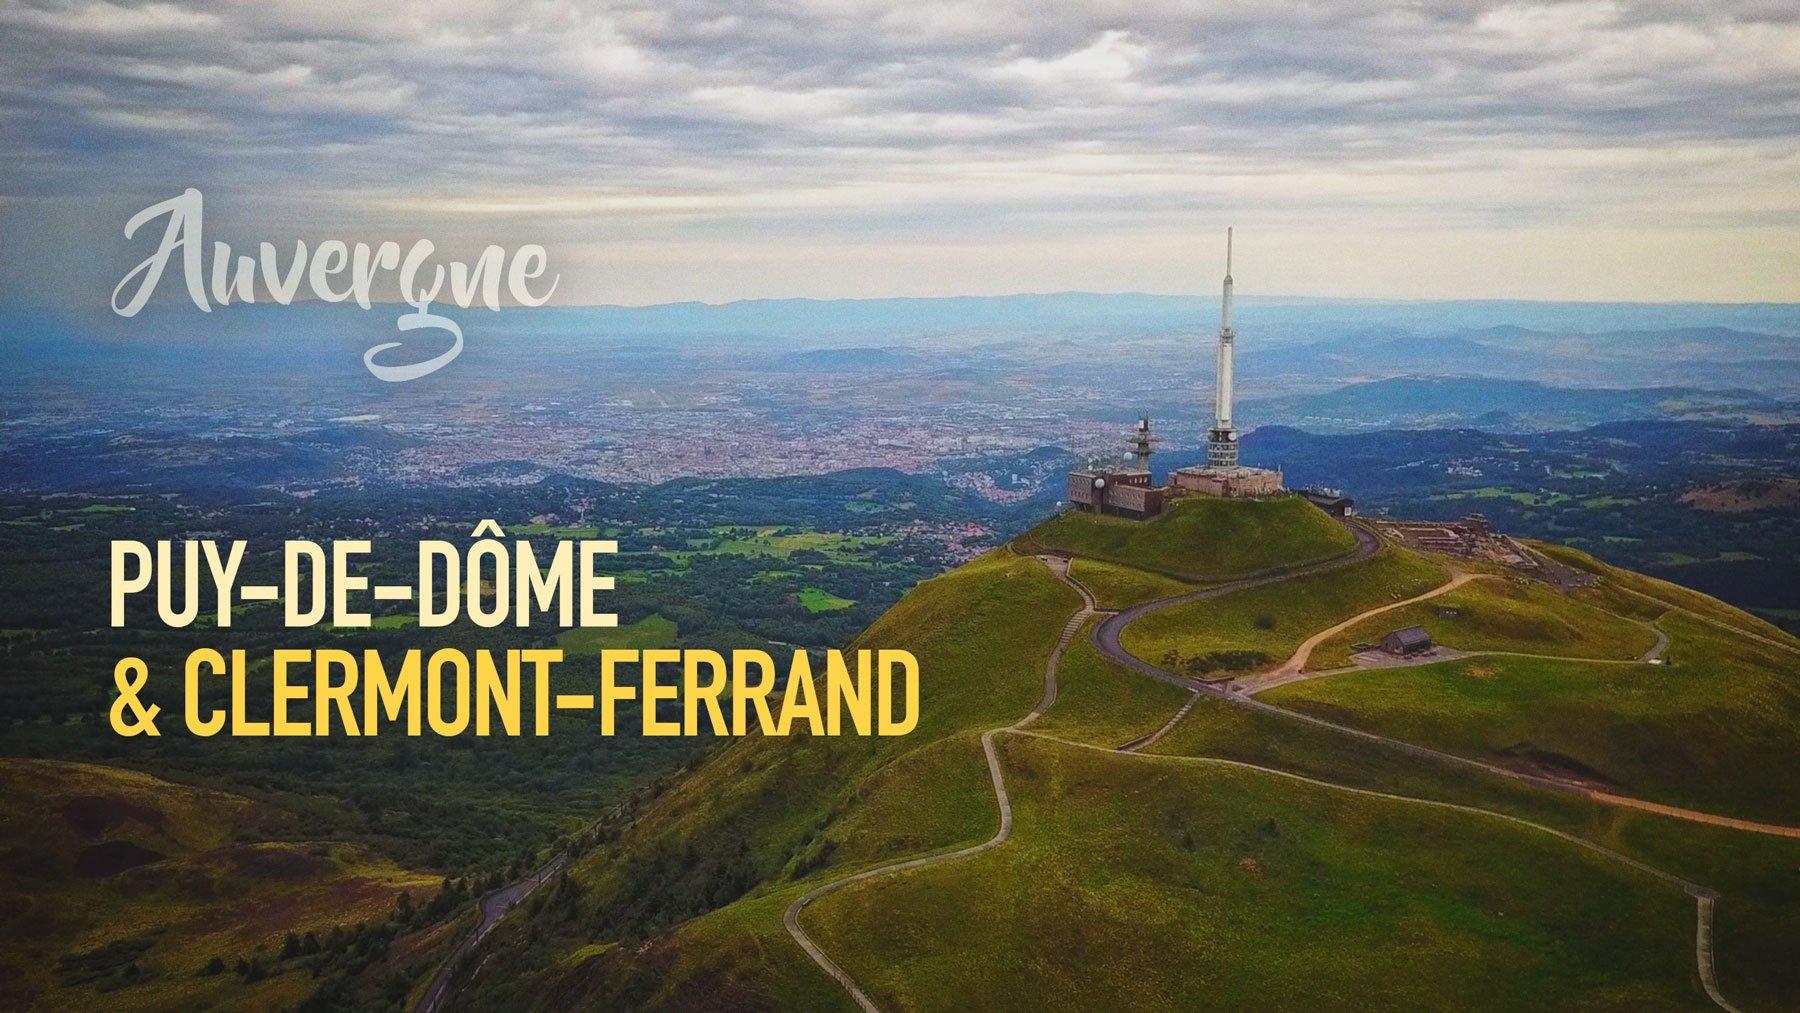 Séjour au Puy-de-Dôme et Clermont-Ferrand